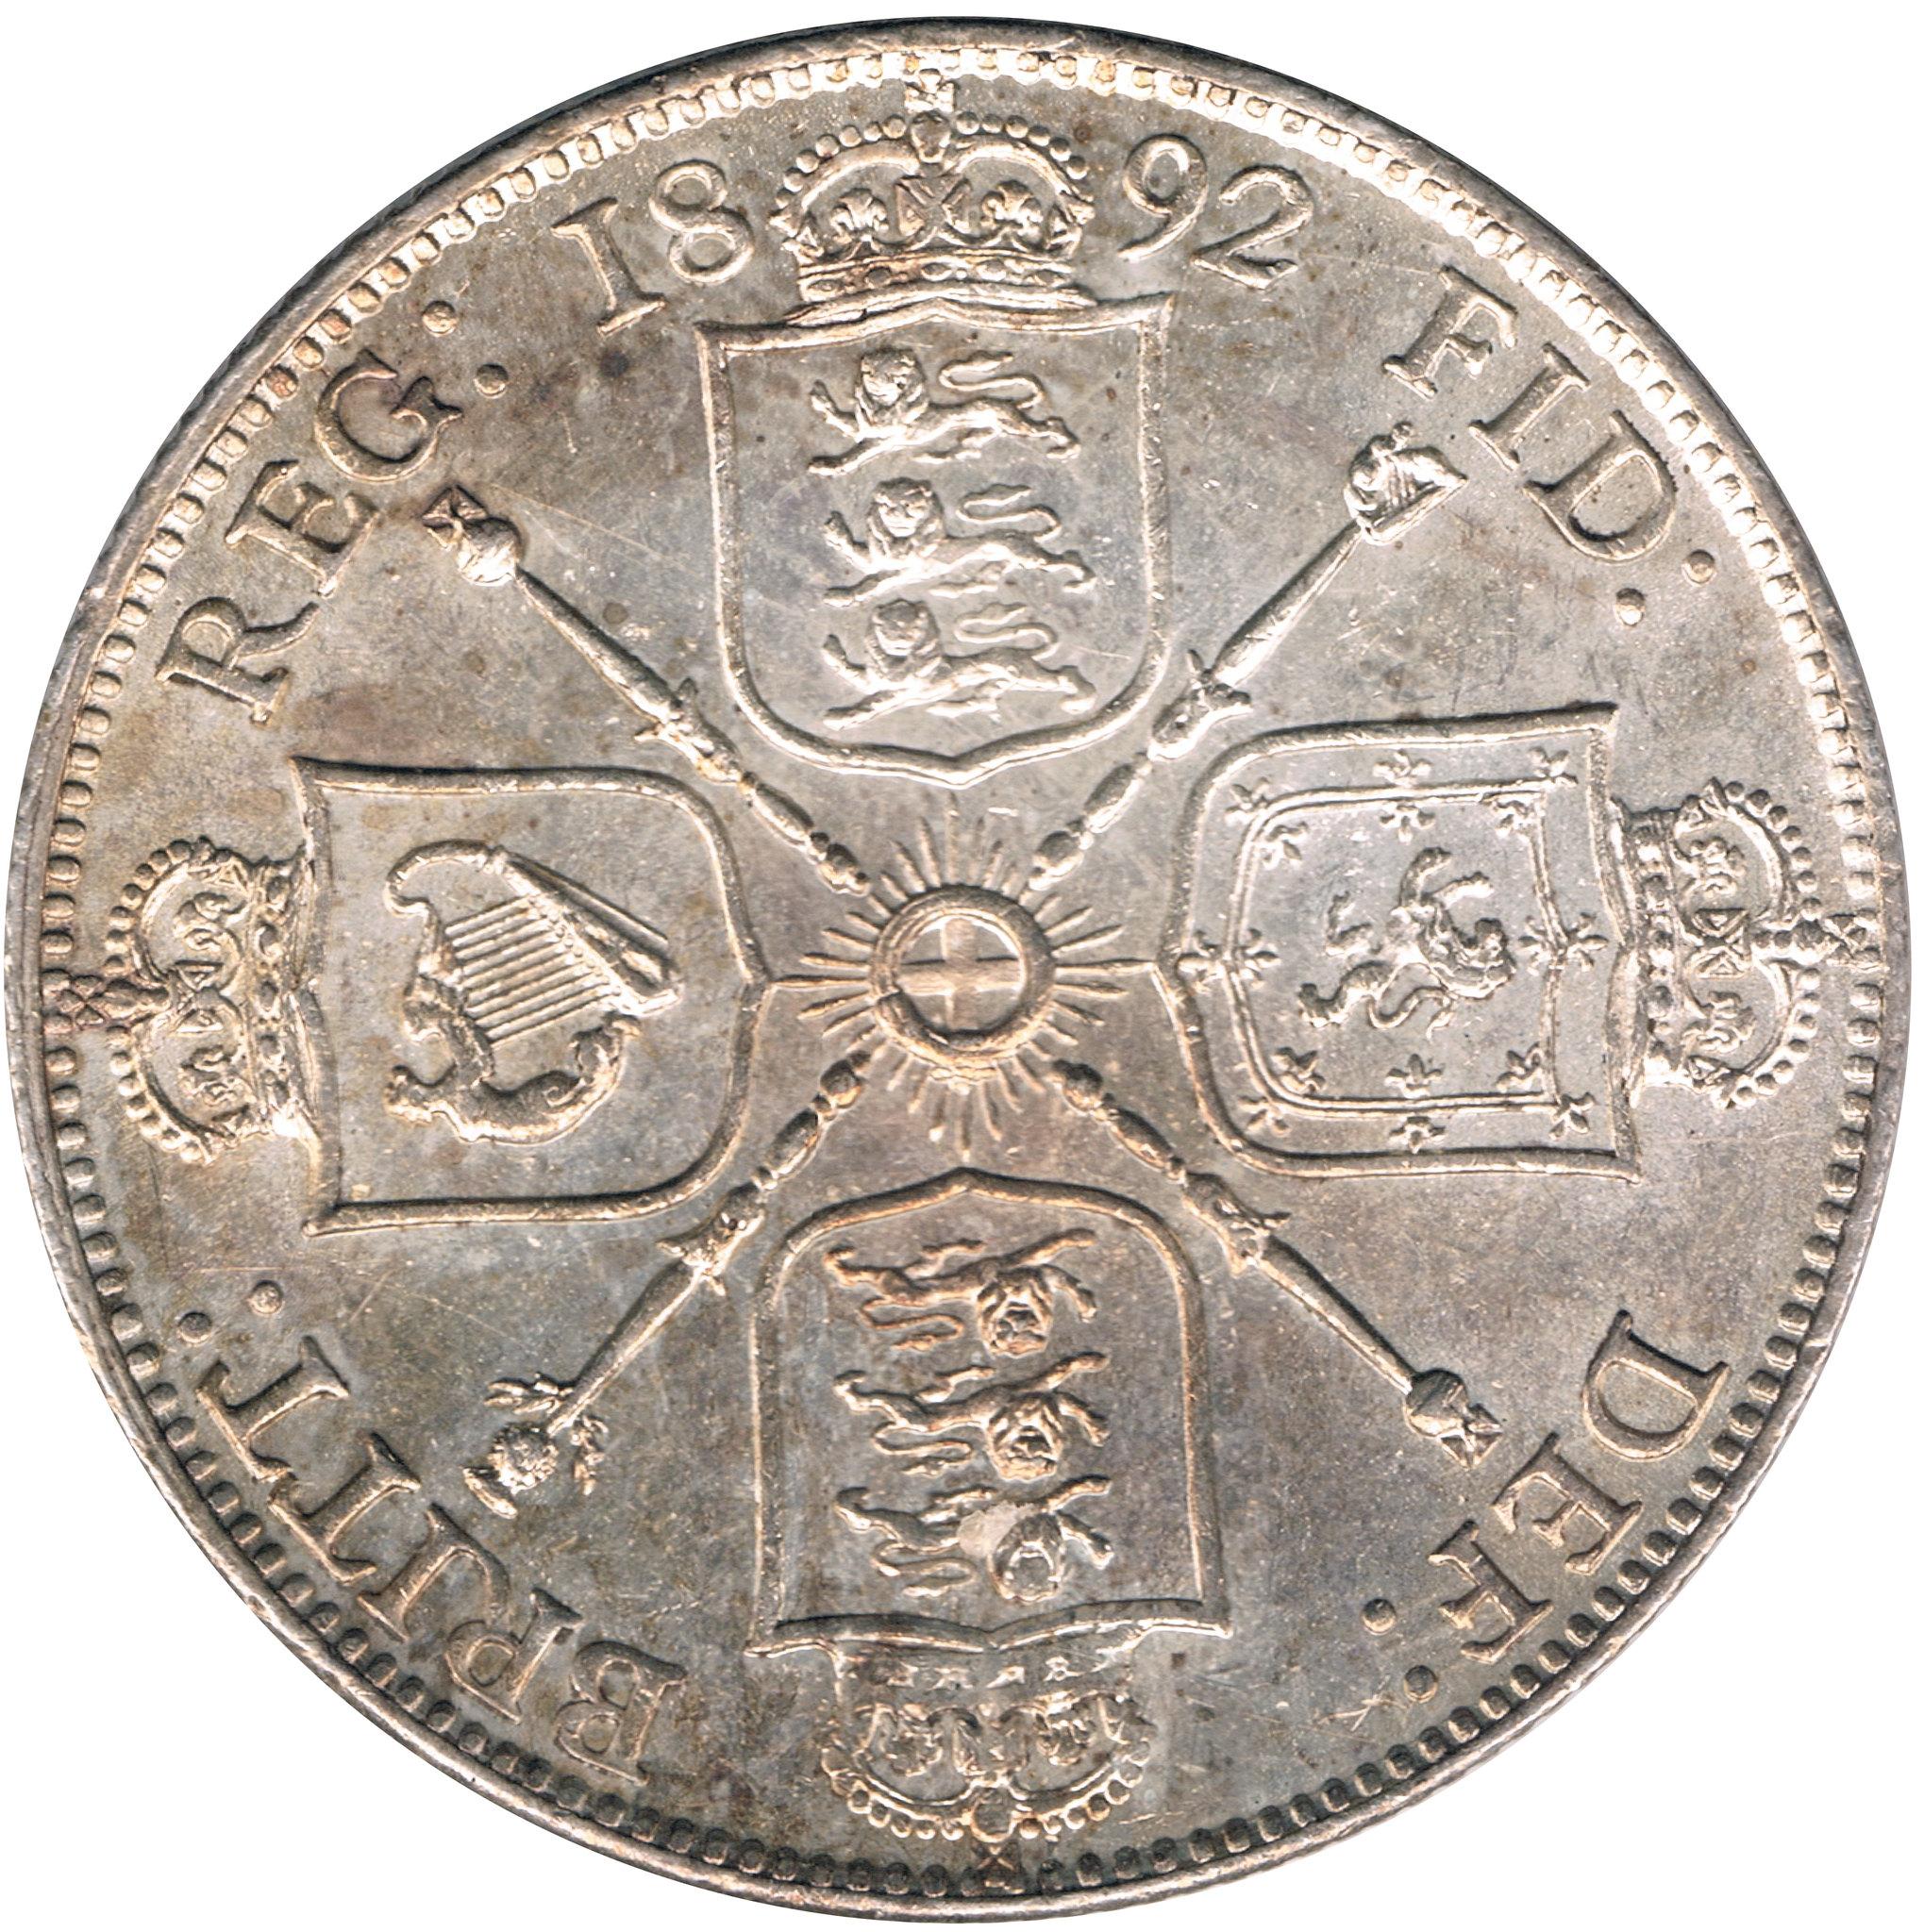 1 Florin 1982 Gran Bretaña Queen Victoria 8737072235_388be779bc_k